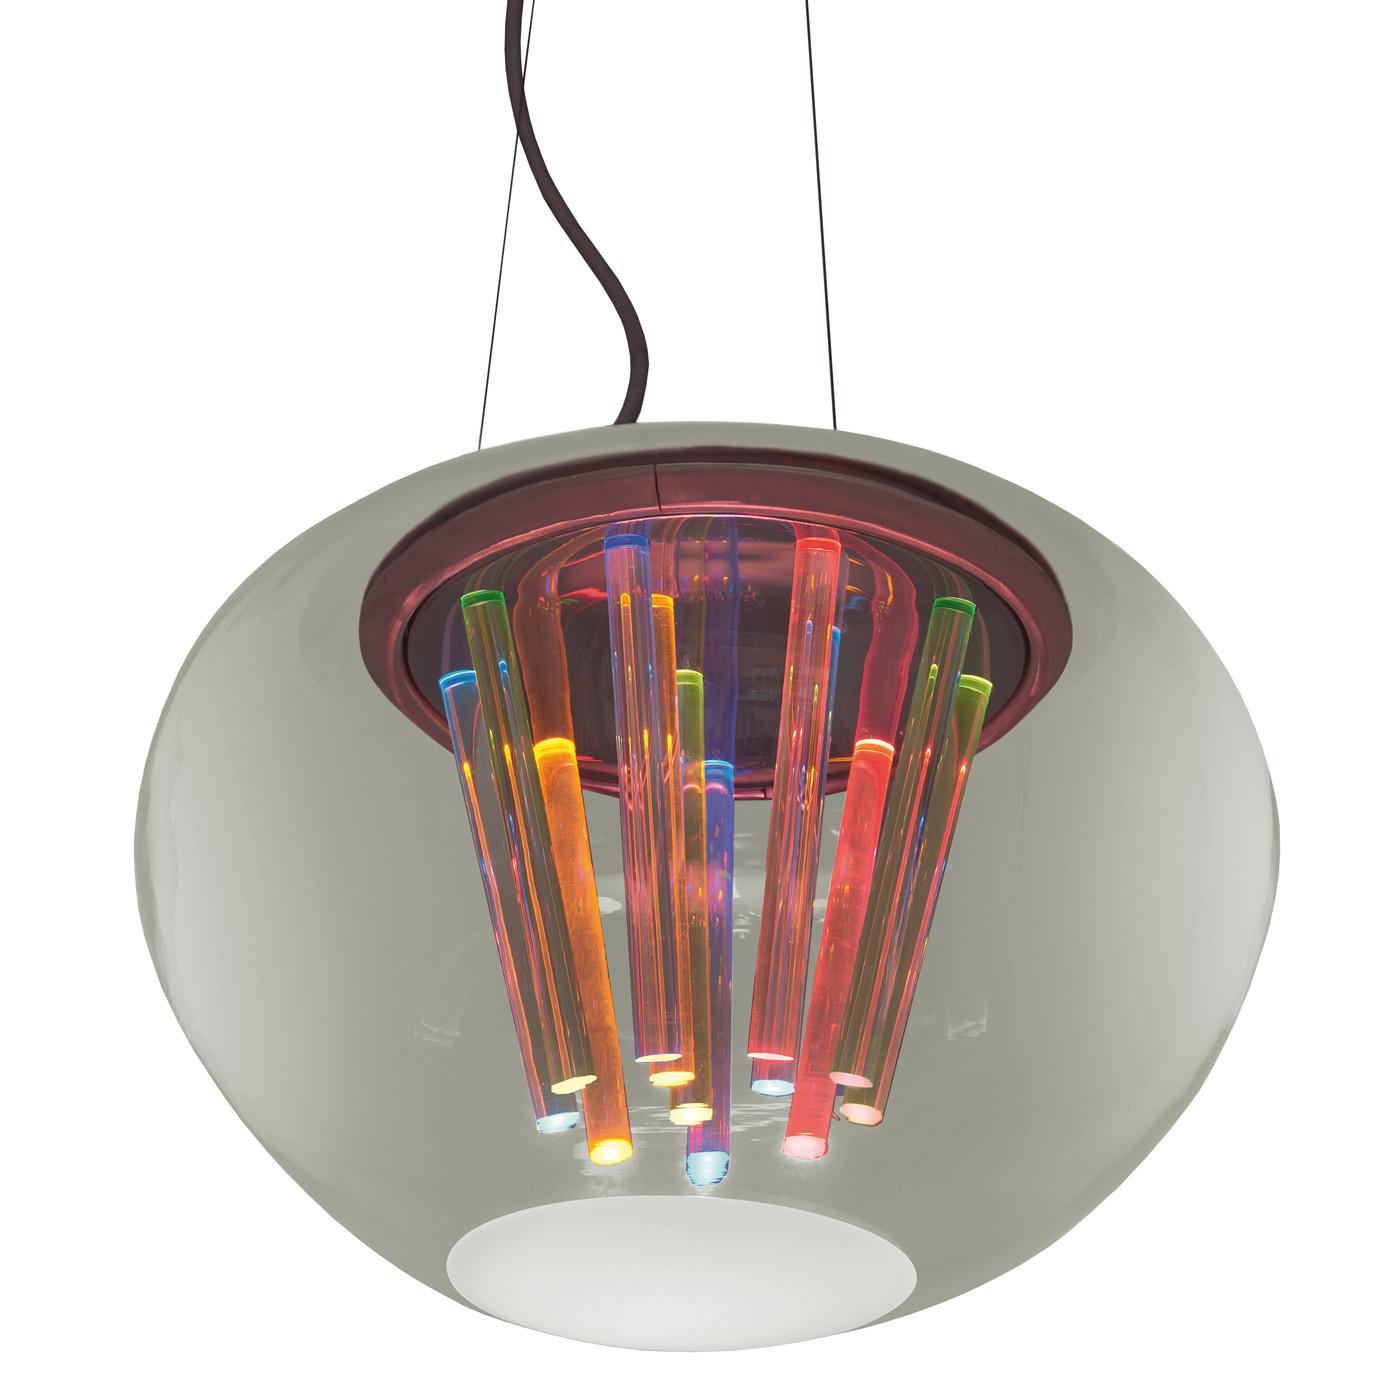 Artemide Spectral Light LED